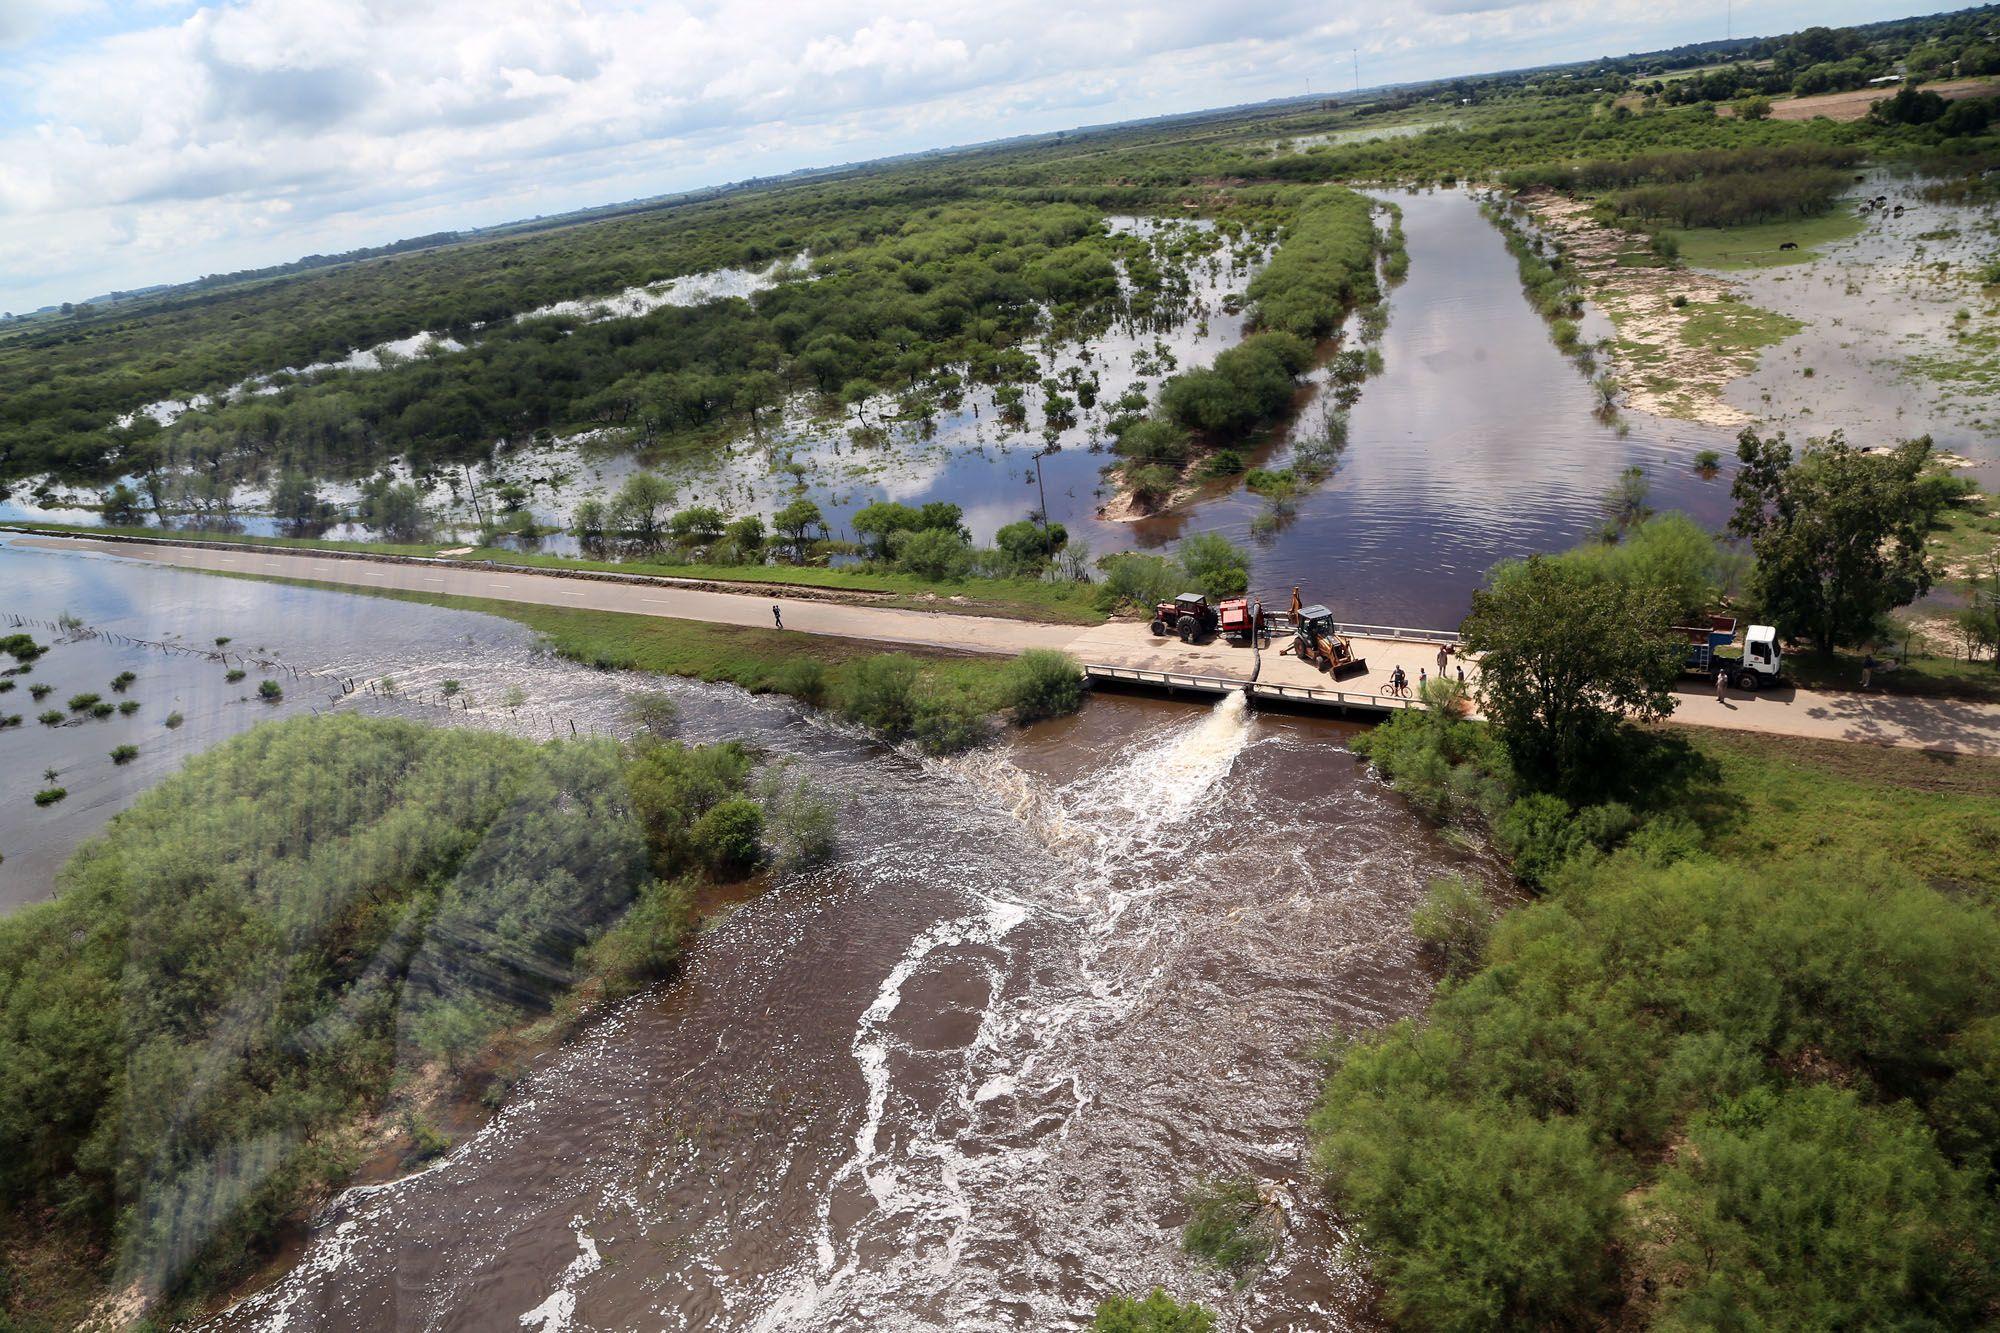 Urgente. Para realizar reparaciones de inmediato se decretará la emergencia vial. Gentileza: Gobierno de la provincia de Santa Fe